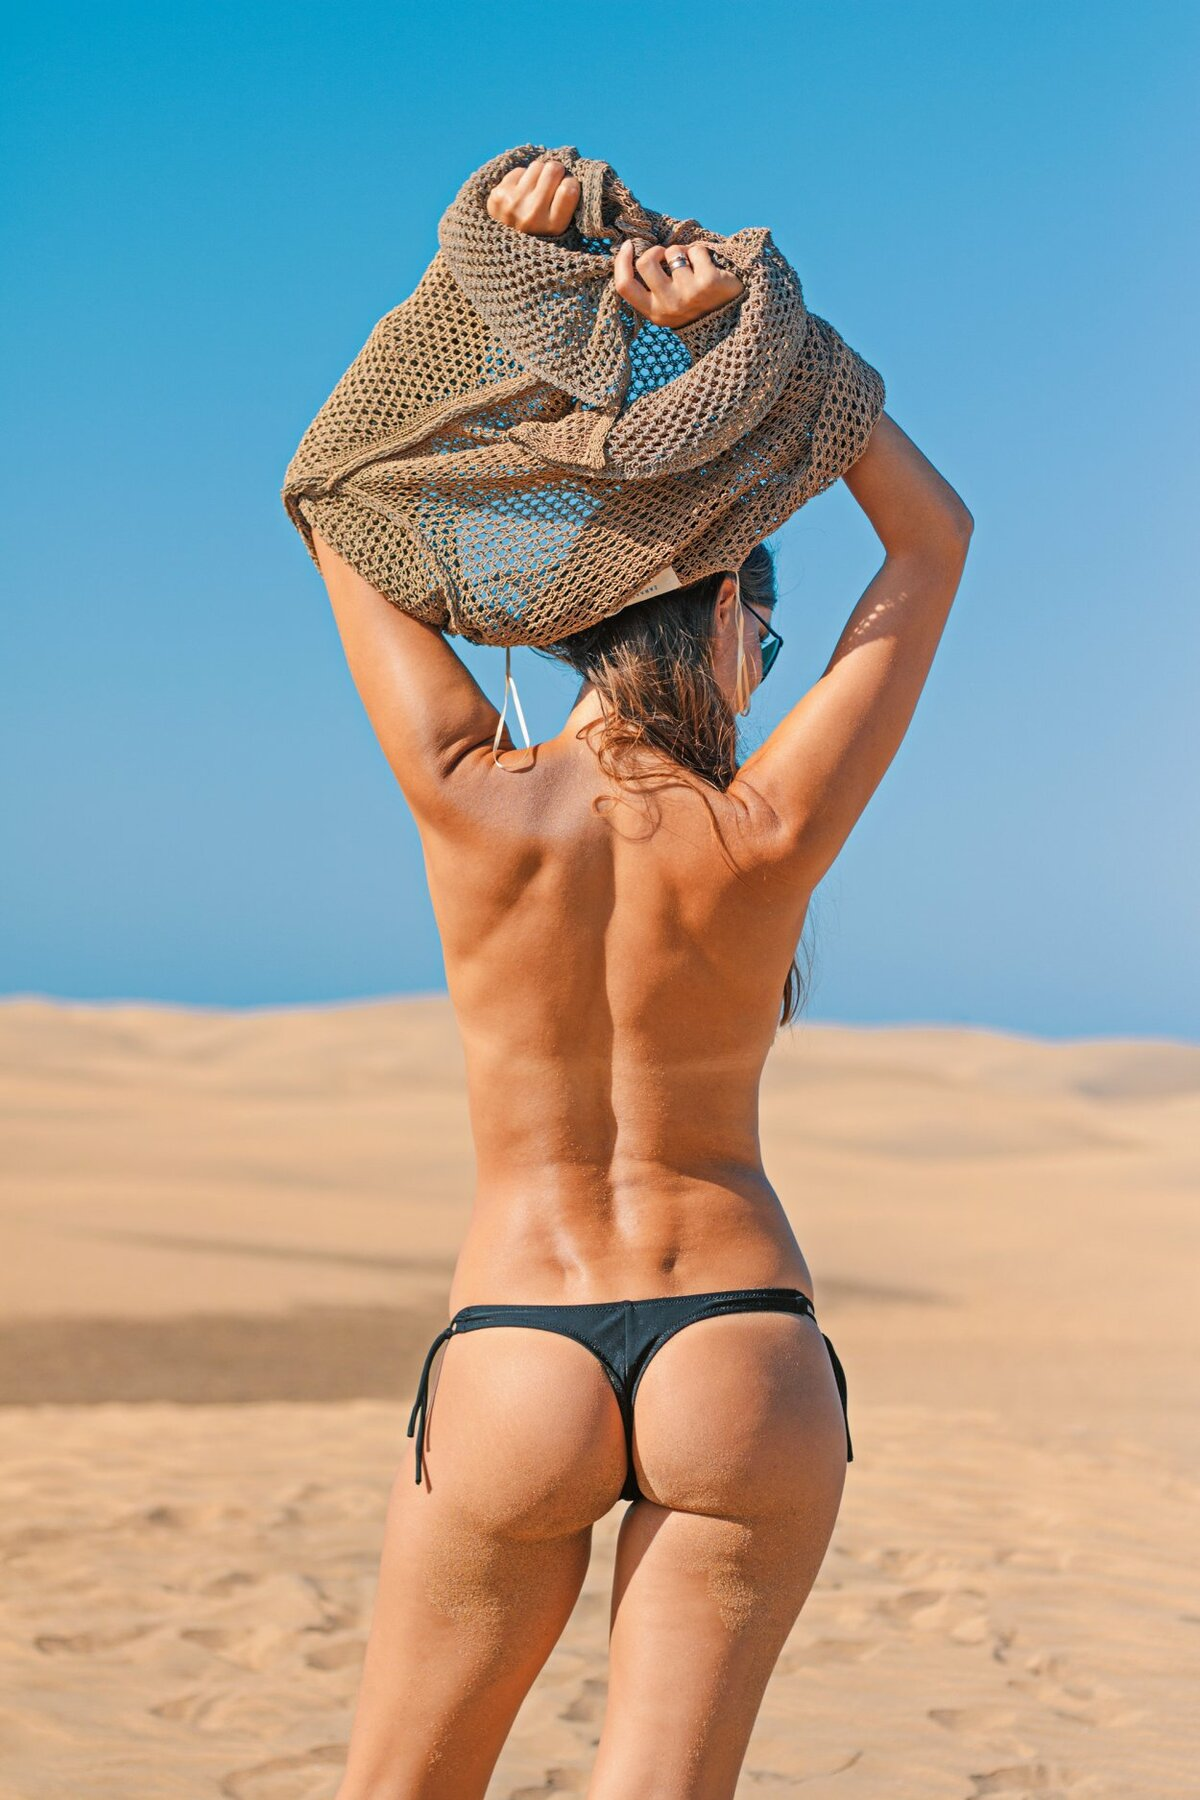 Голая Попа Мальчика На Пляже